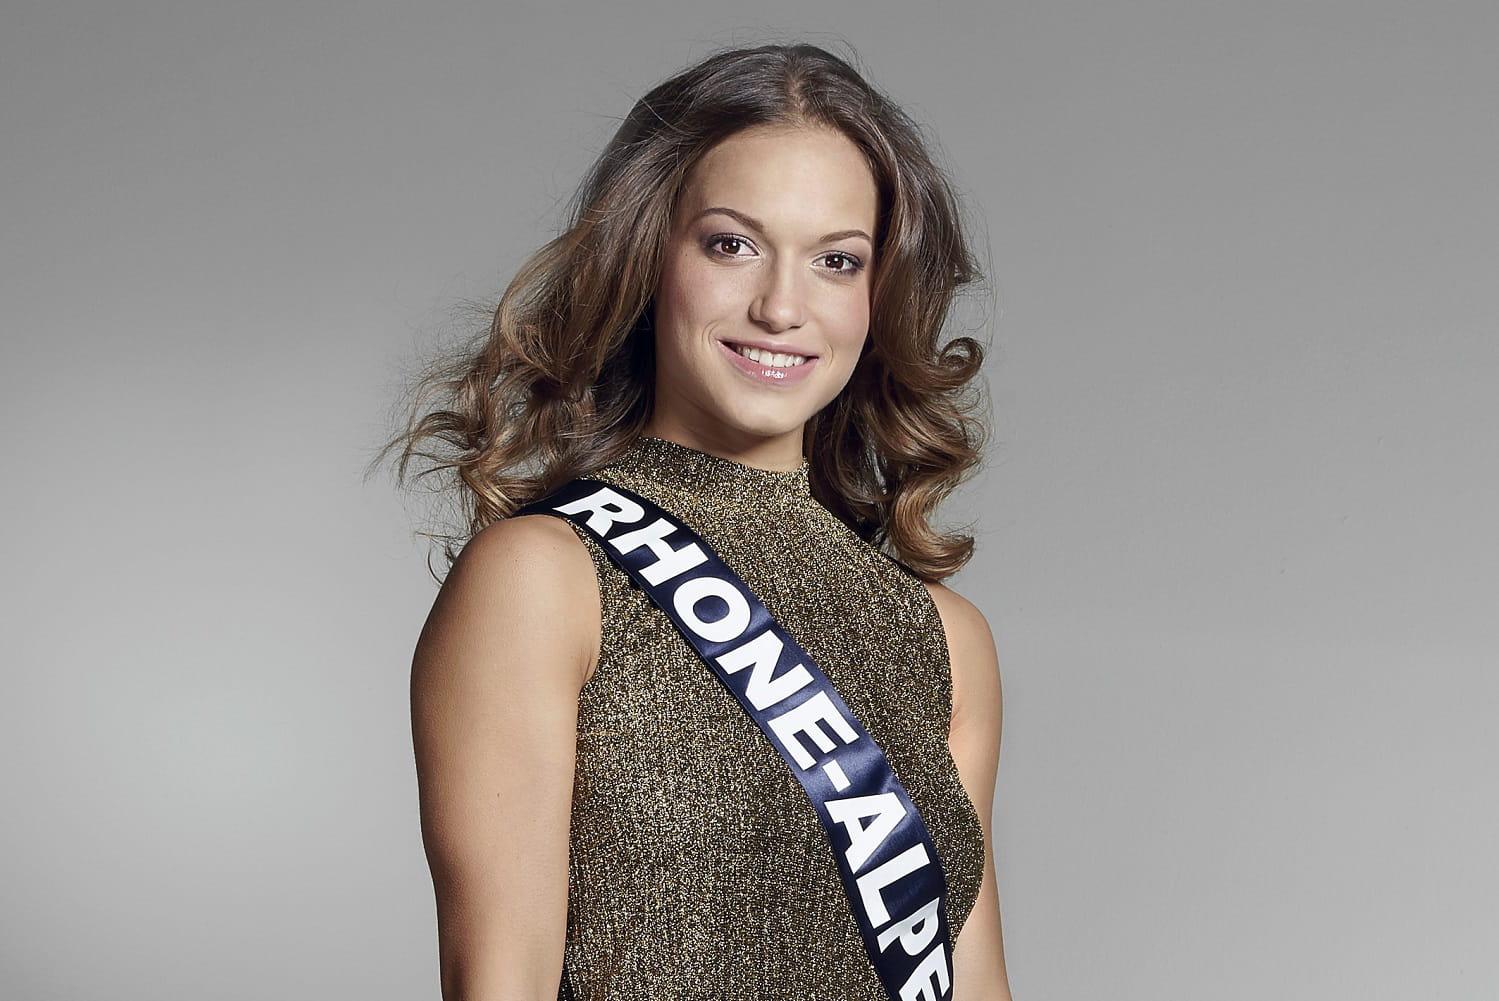 TPMP - Miss France 2017 : Le salaire mirobolant de la gagnante